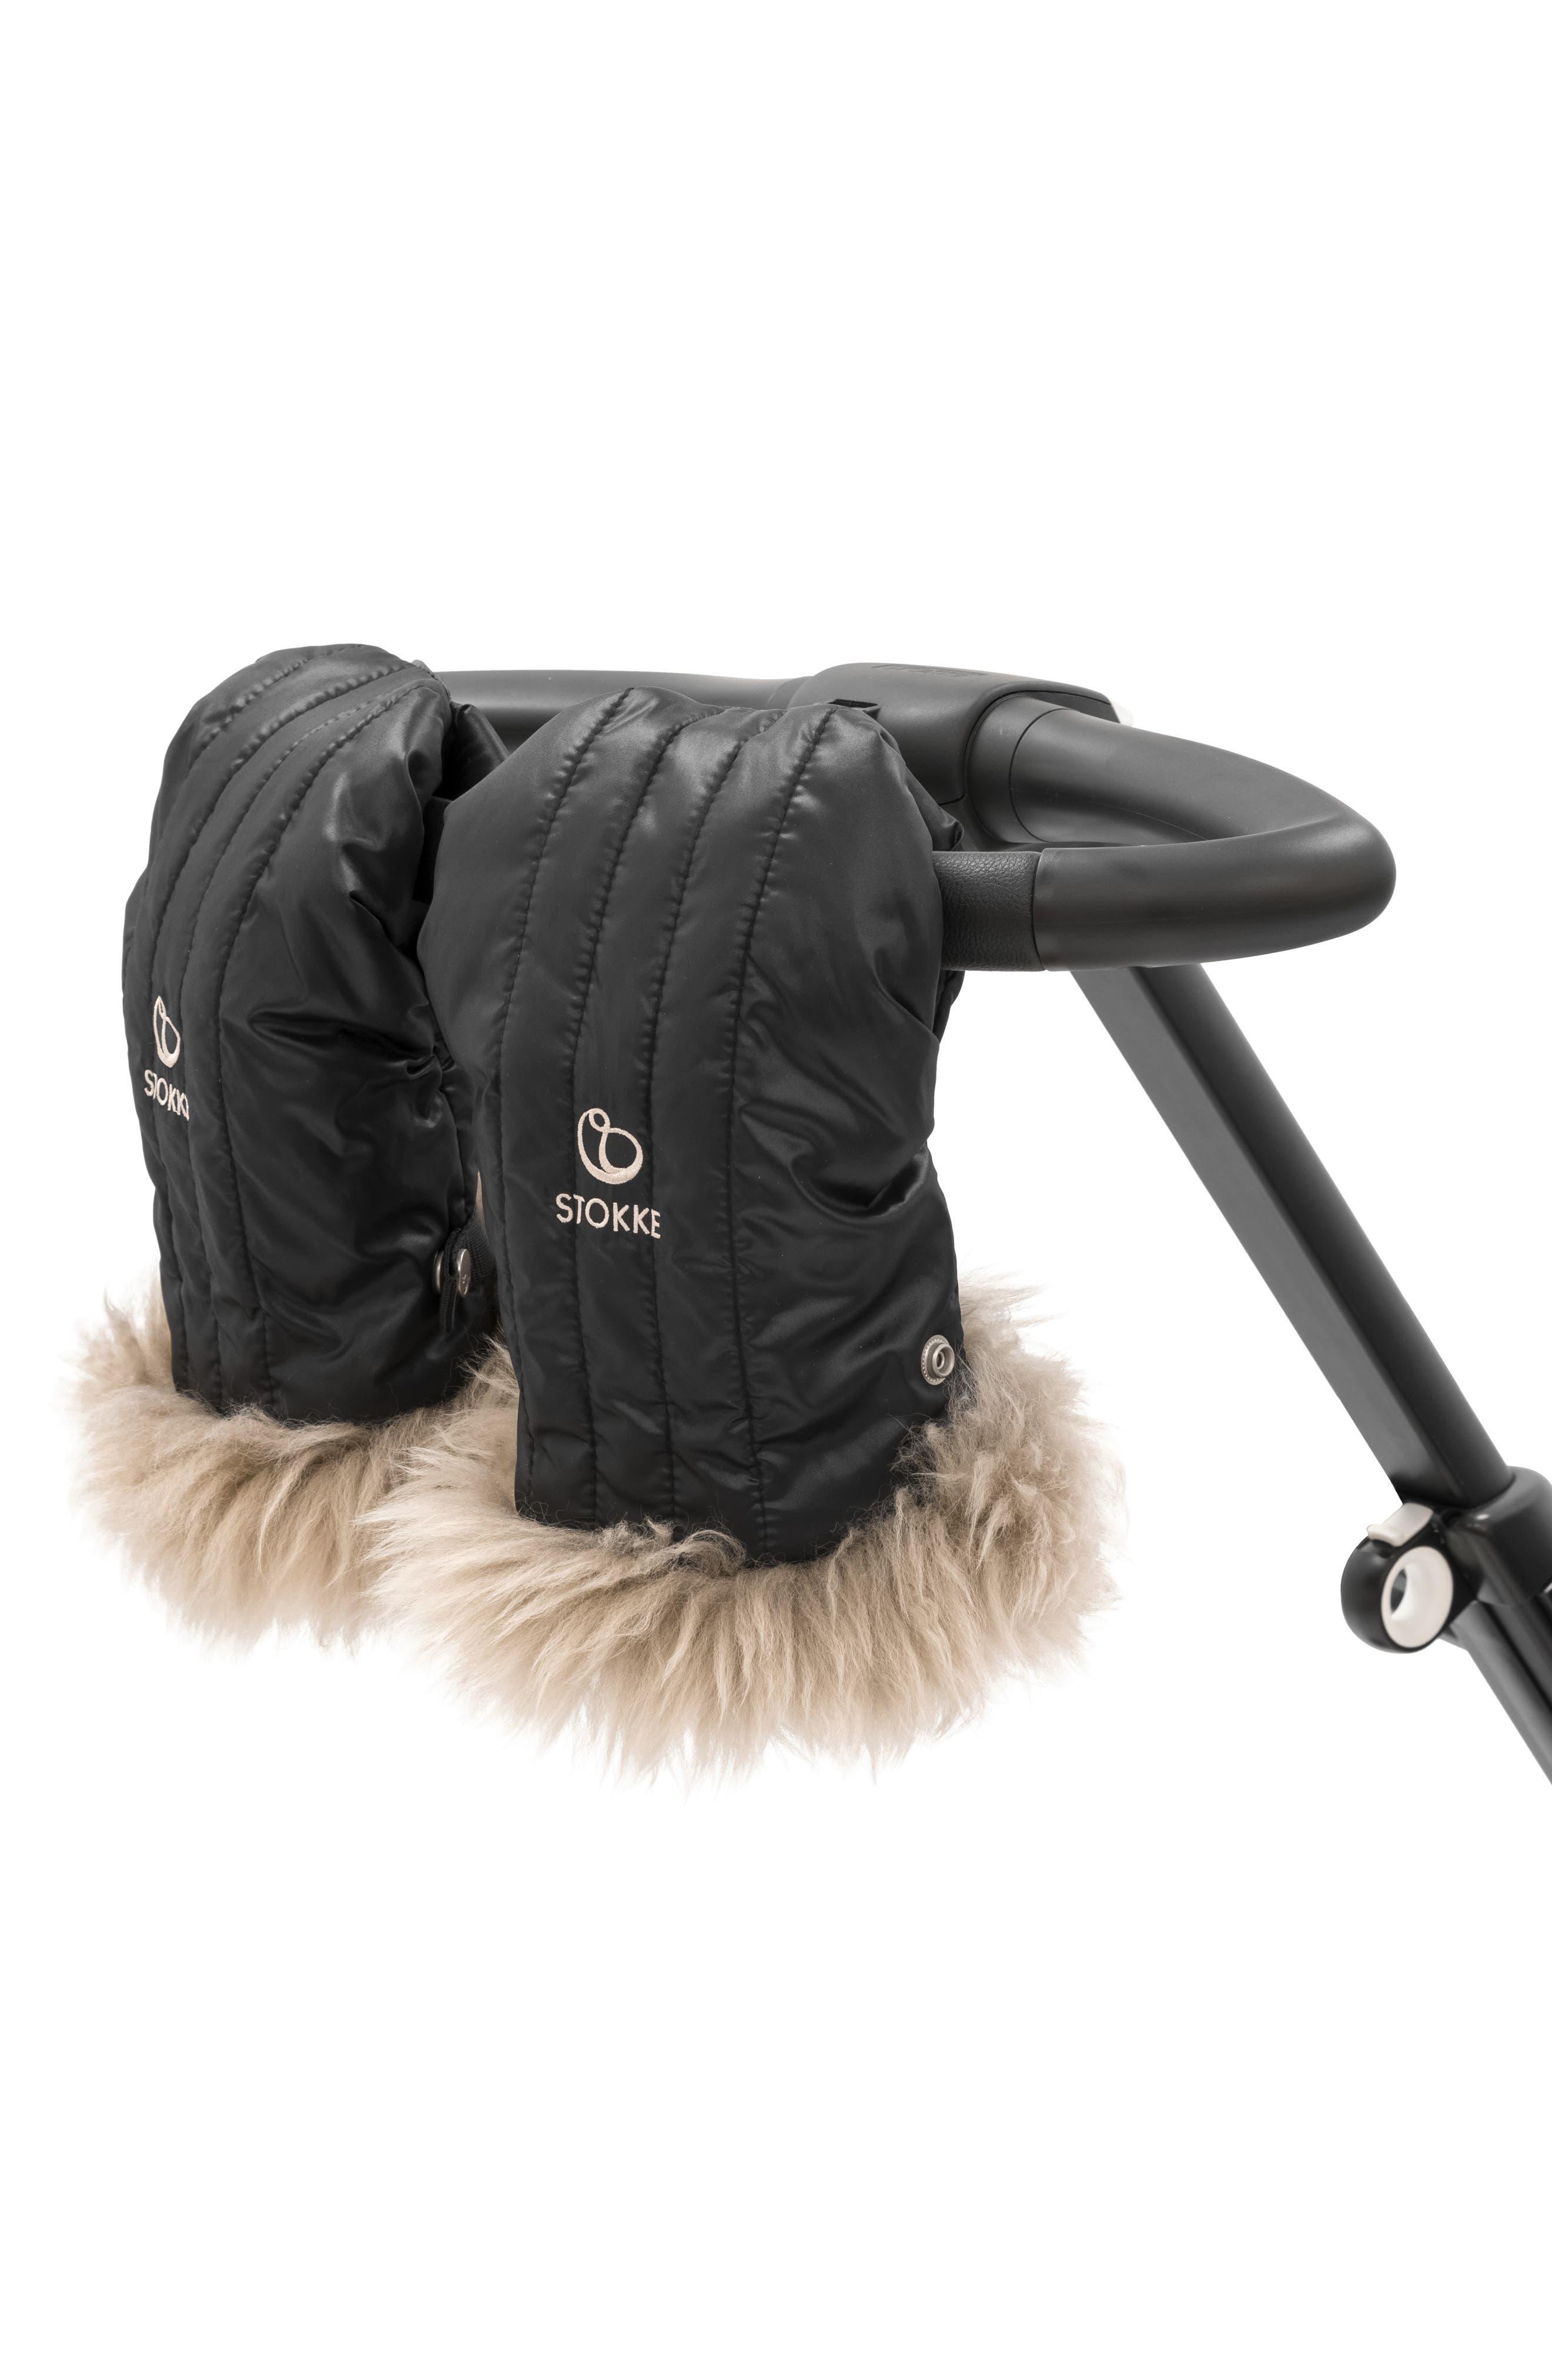 STOKKE, Stroller Genuine Shearling Mittens, Alternate thumbnail 2, color, ONYX BLACK